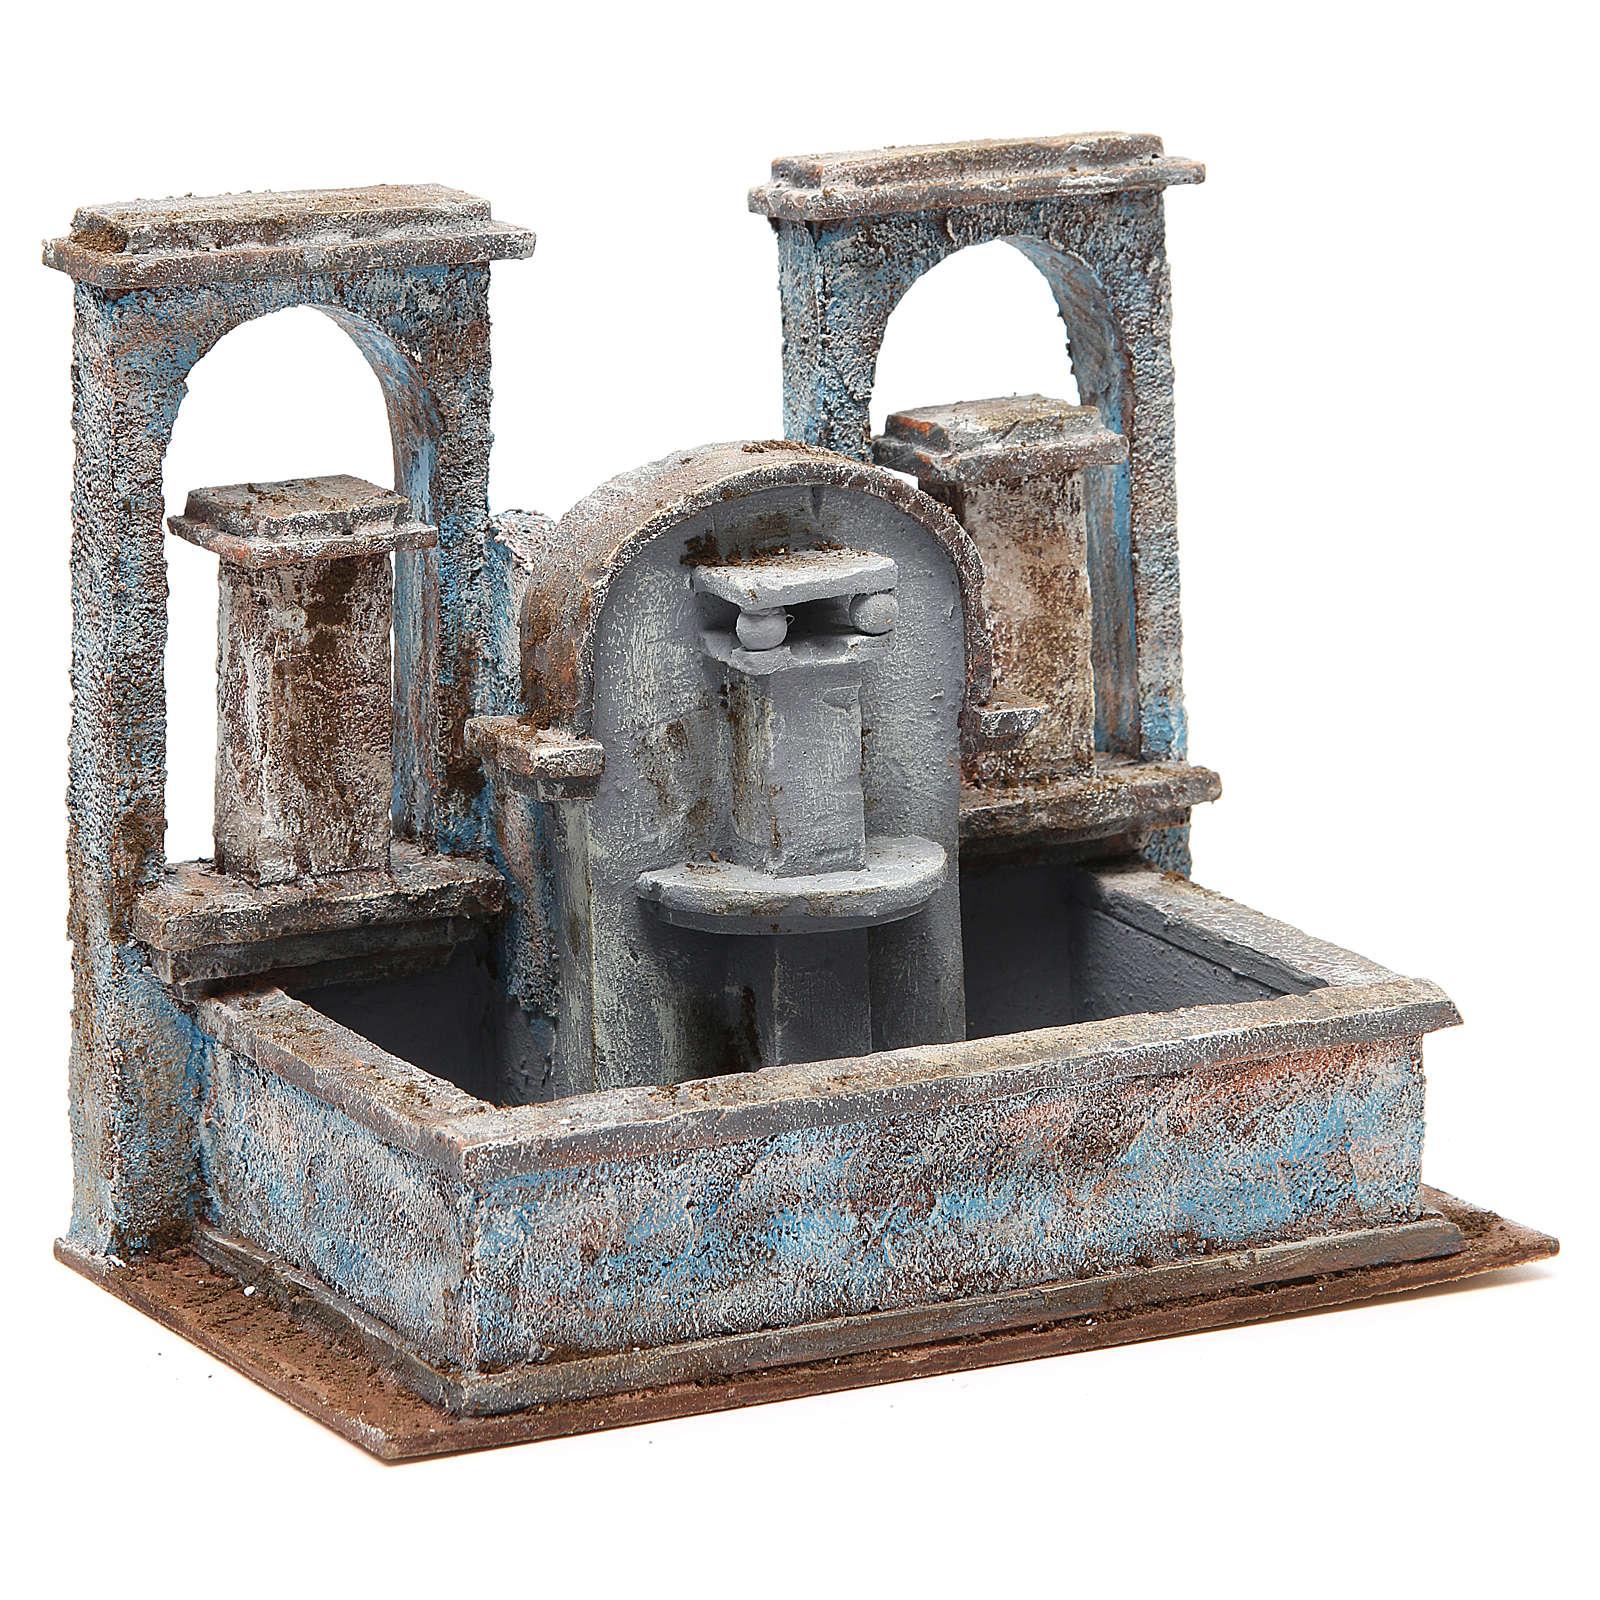 Fontaine crèche effet chutes d'eau 20x25x15 cm 4